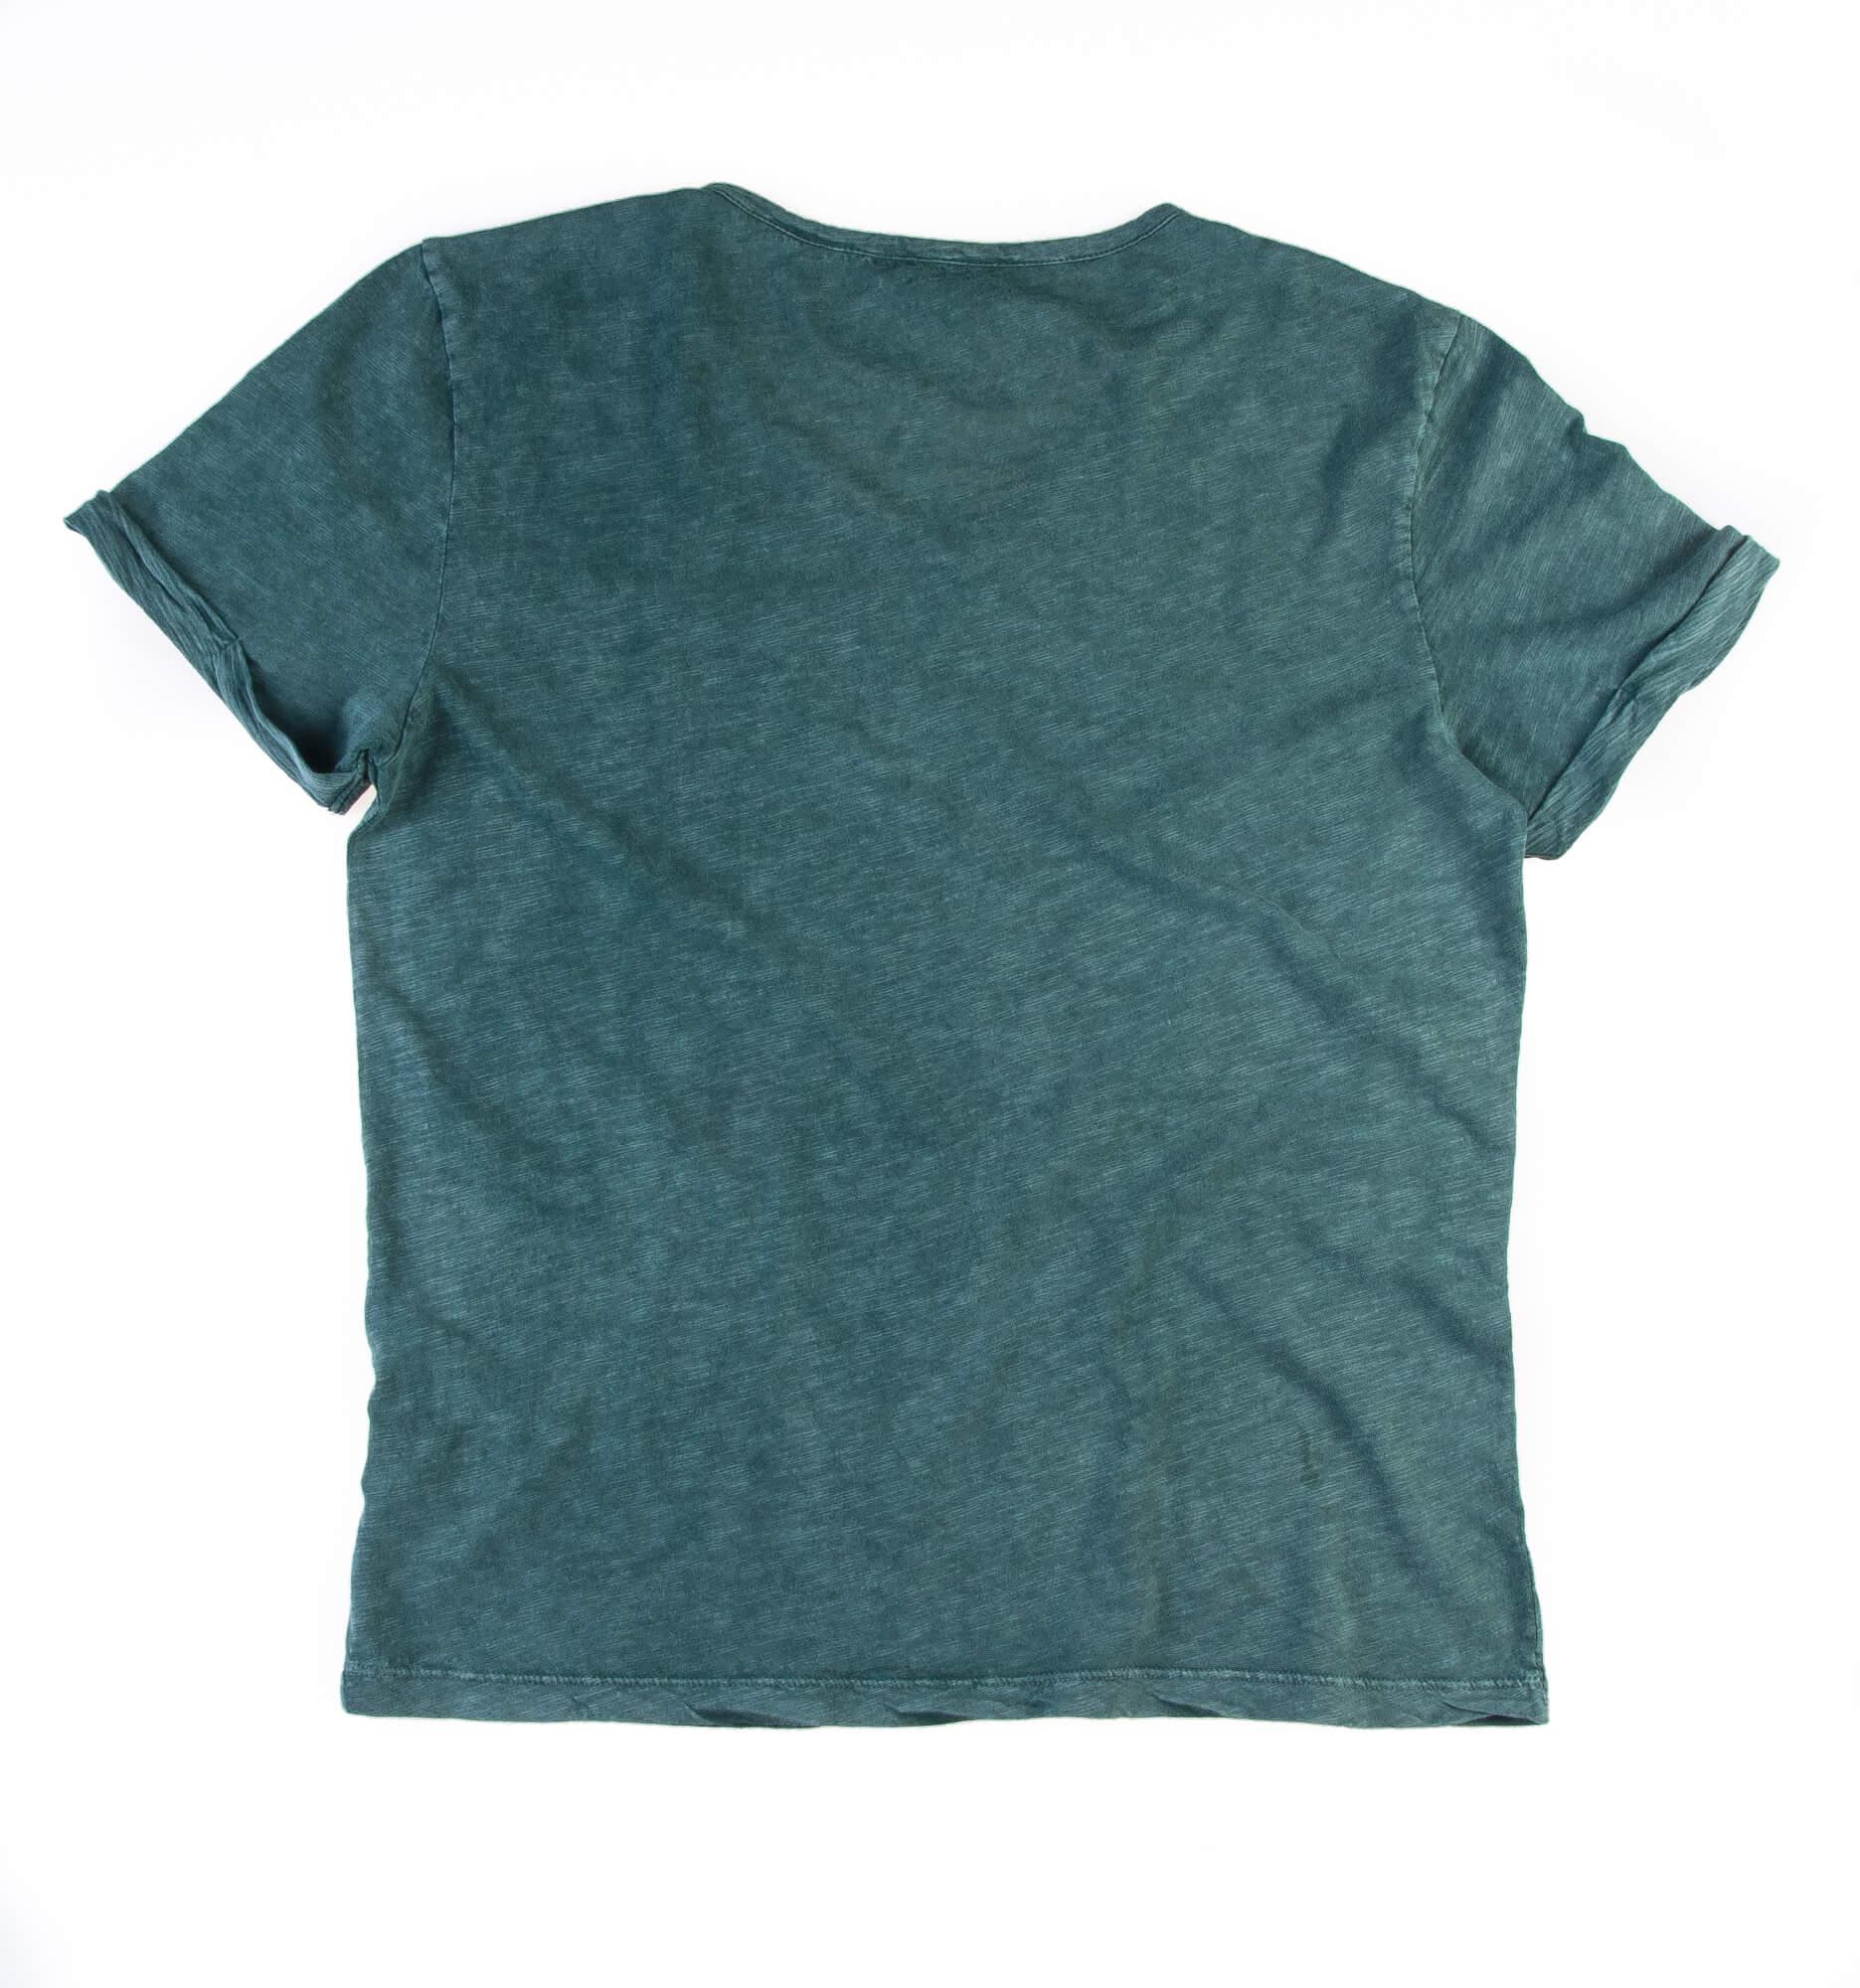 تی شرت مردانه ساده برند S1023 FTS